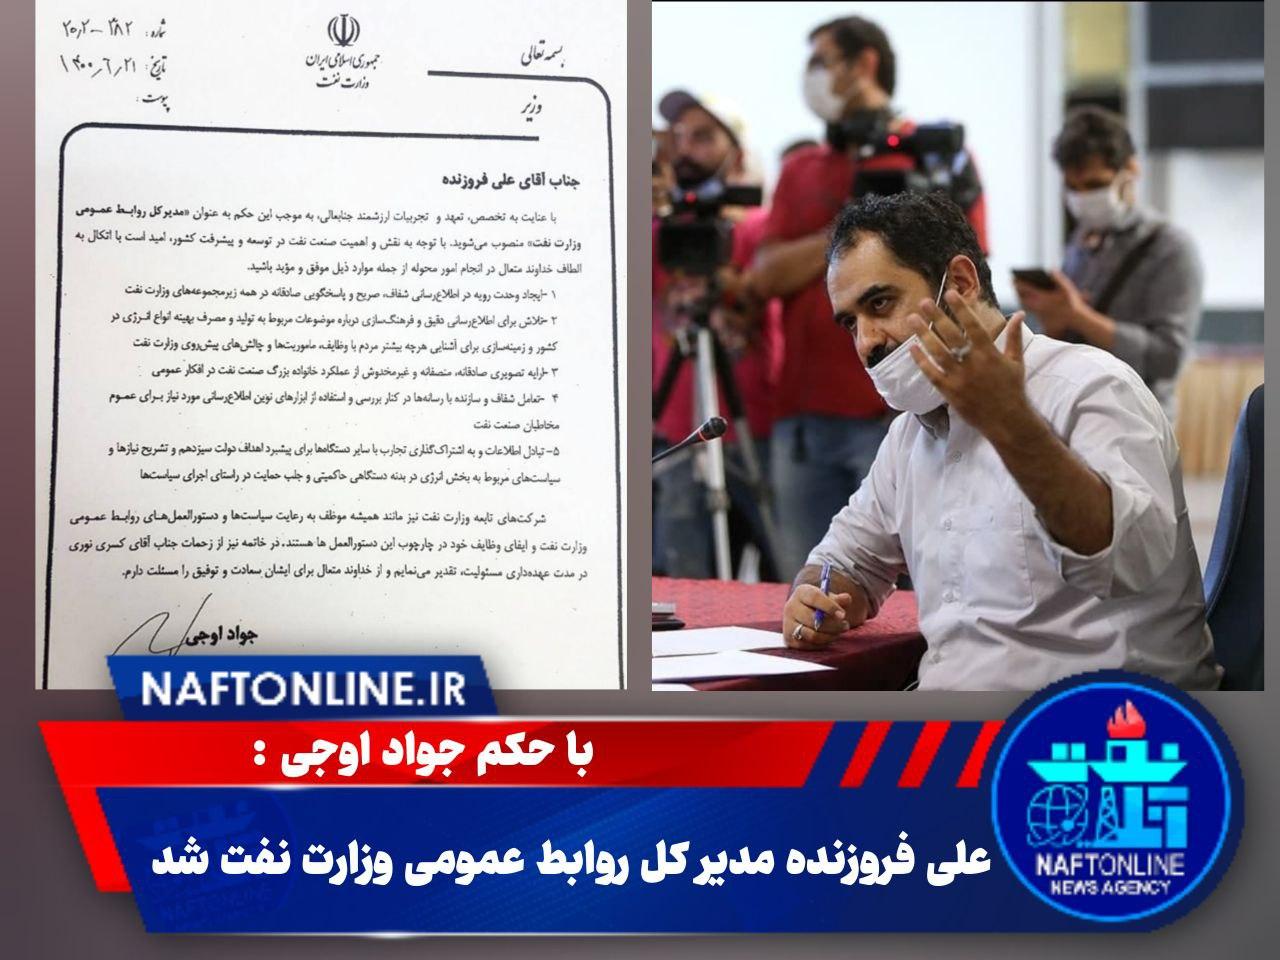 توییت نوشت | twitter | علی فروزنده | روابط عمومی وزارت نفت